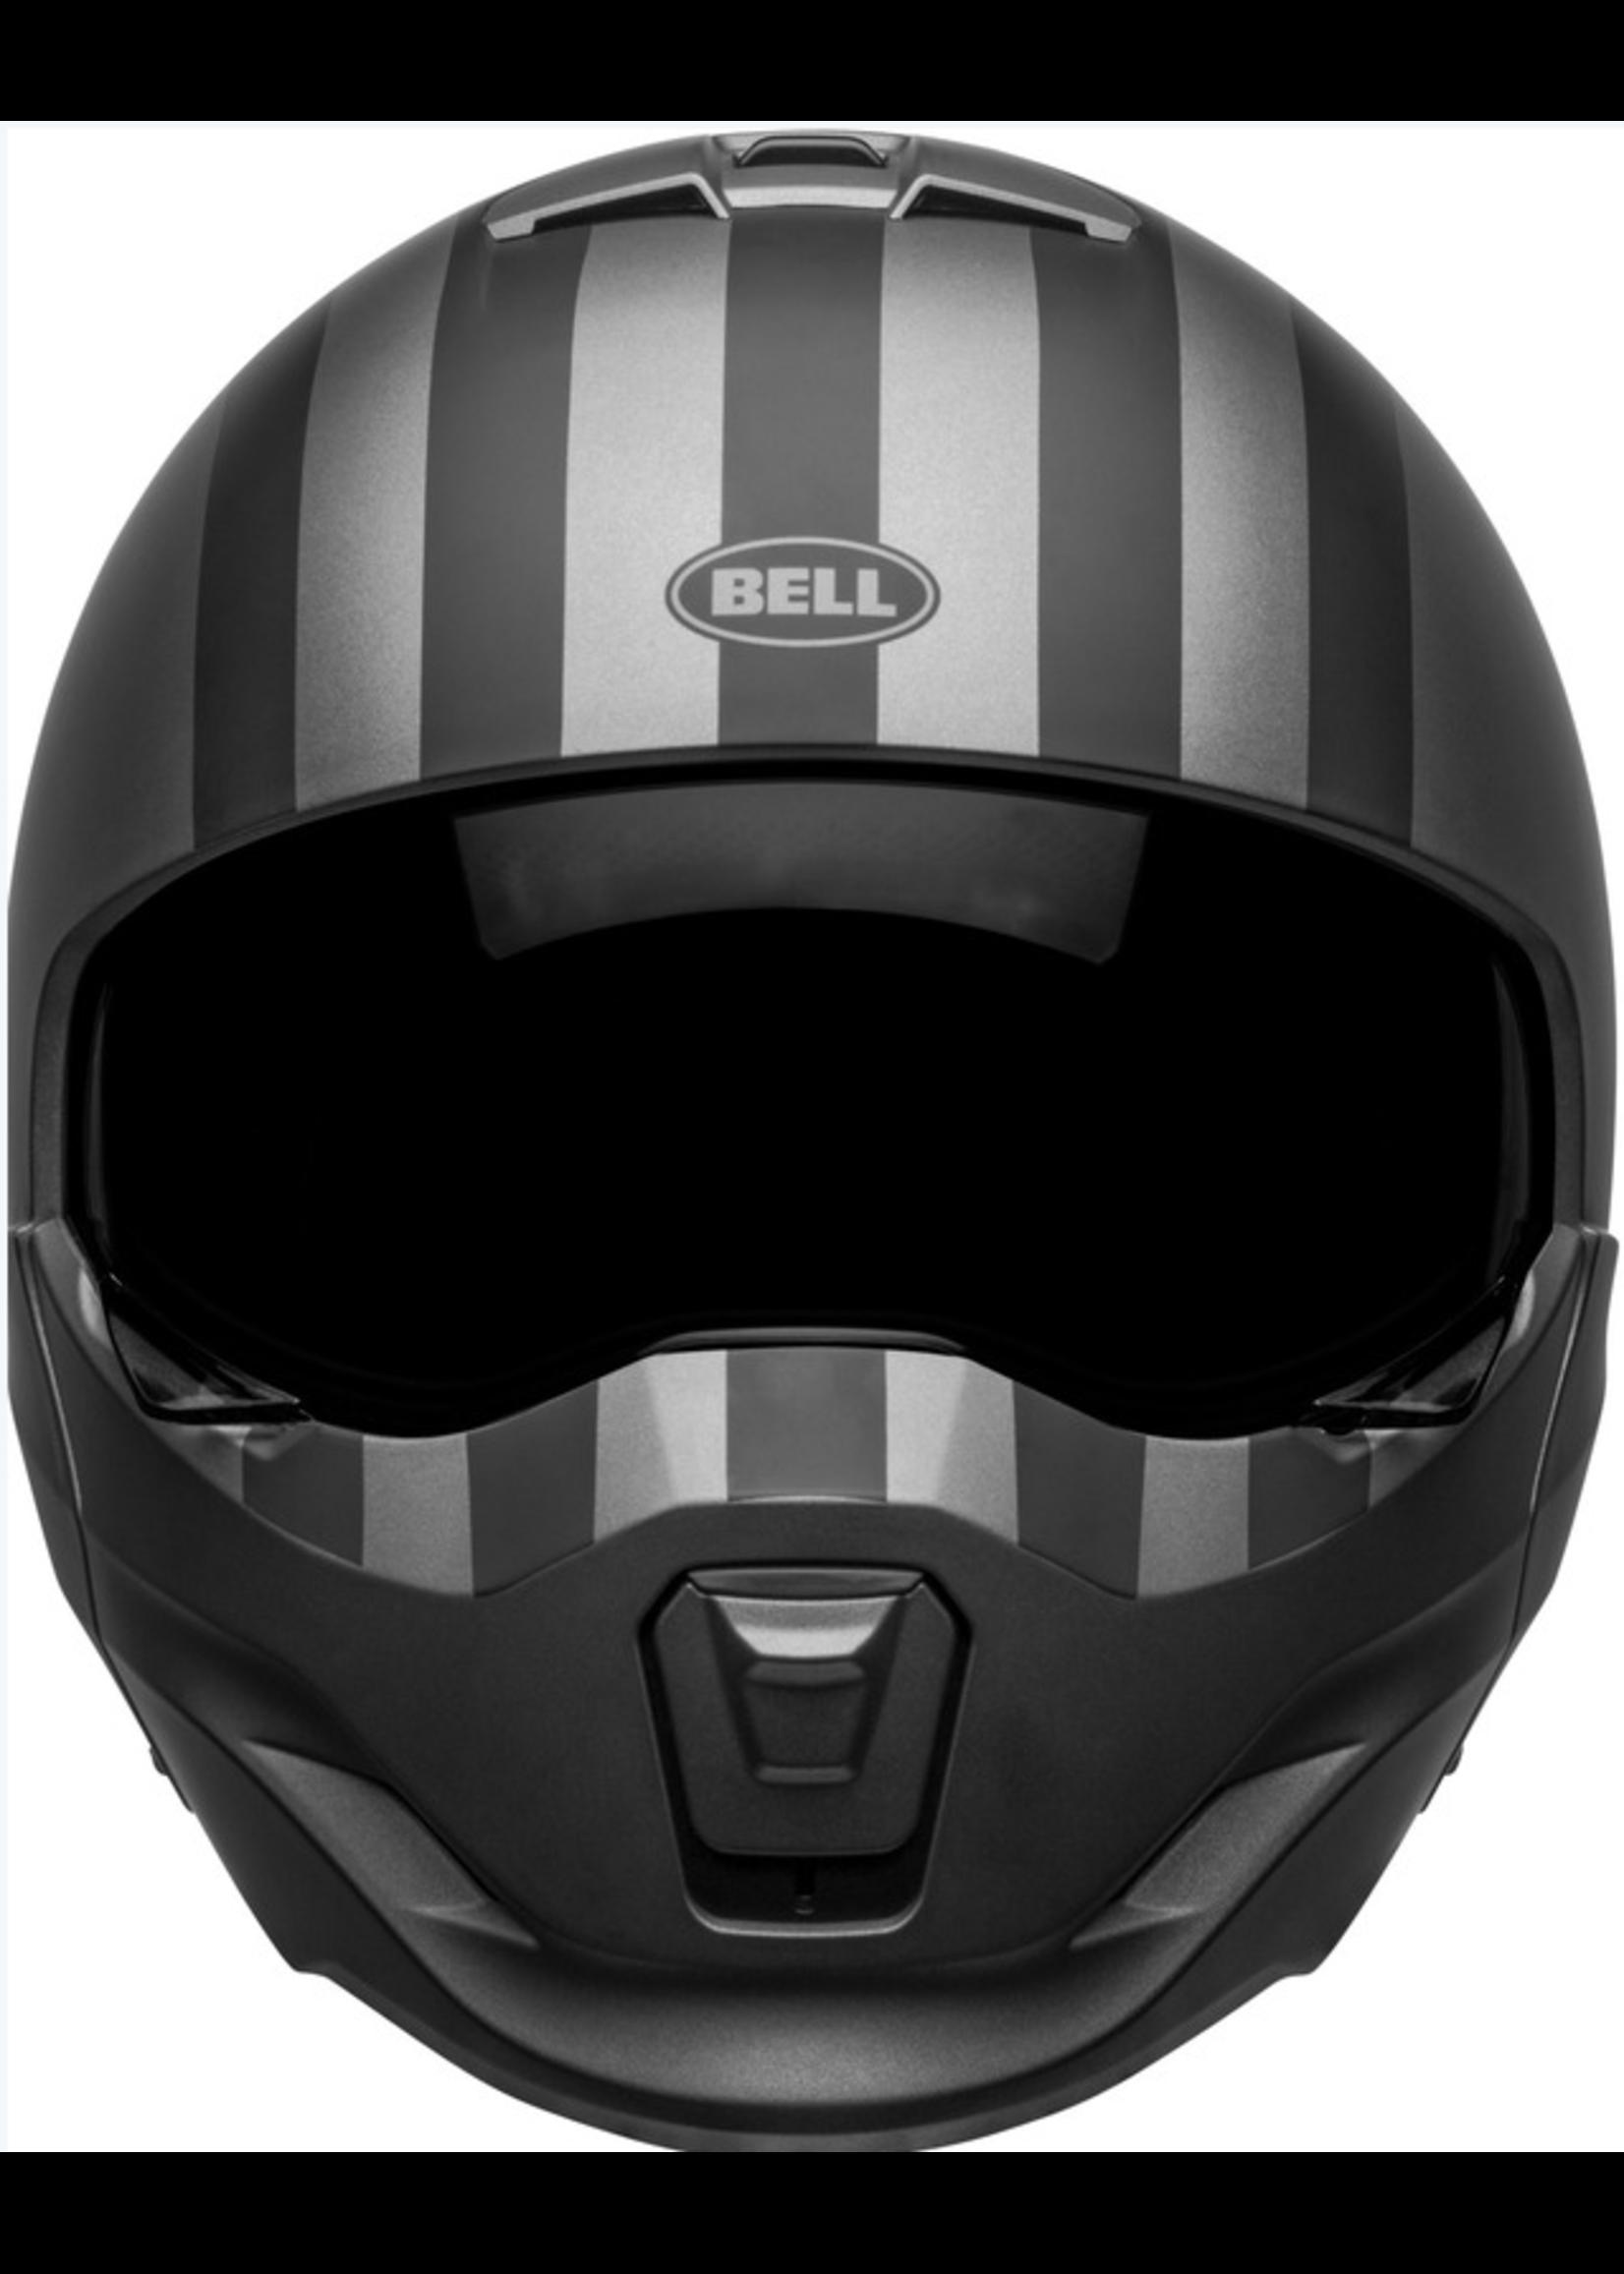 BELL BELL Broozer Free Ride matte grijs